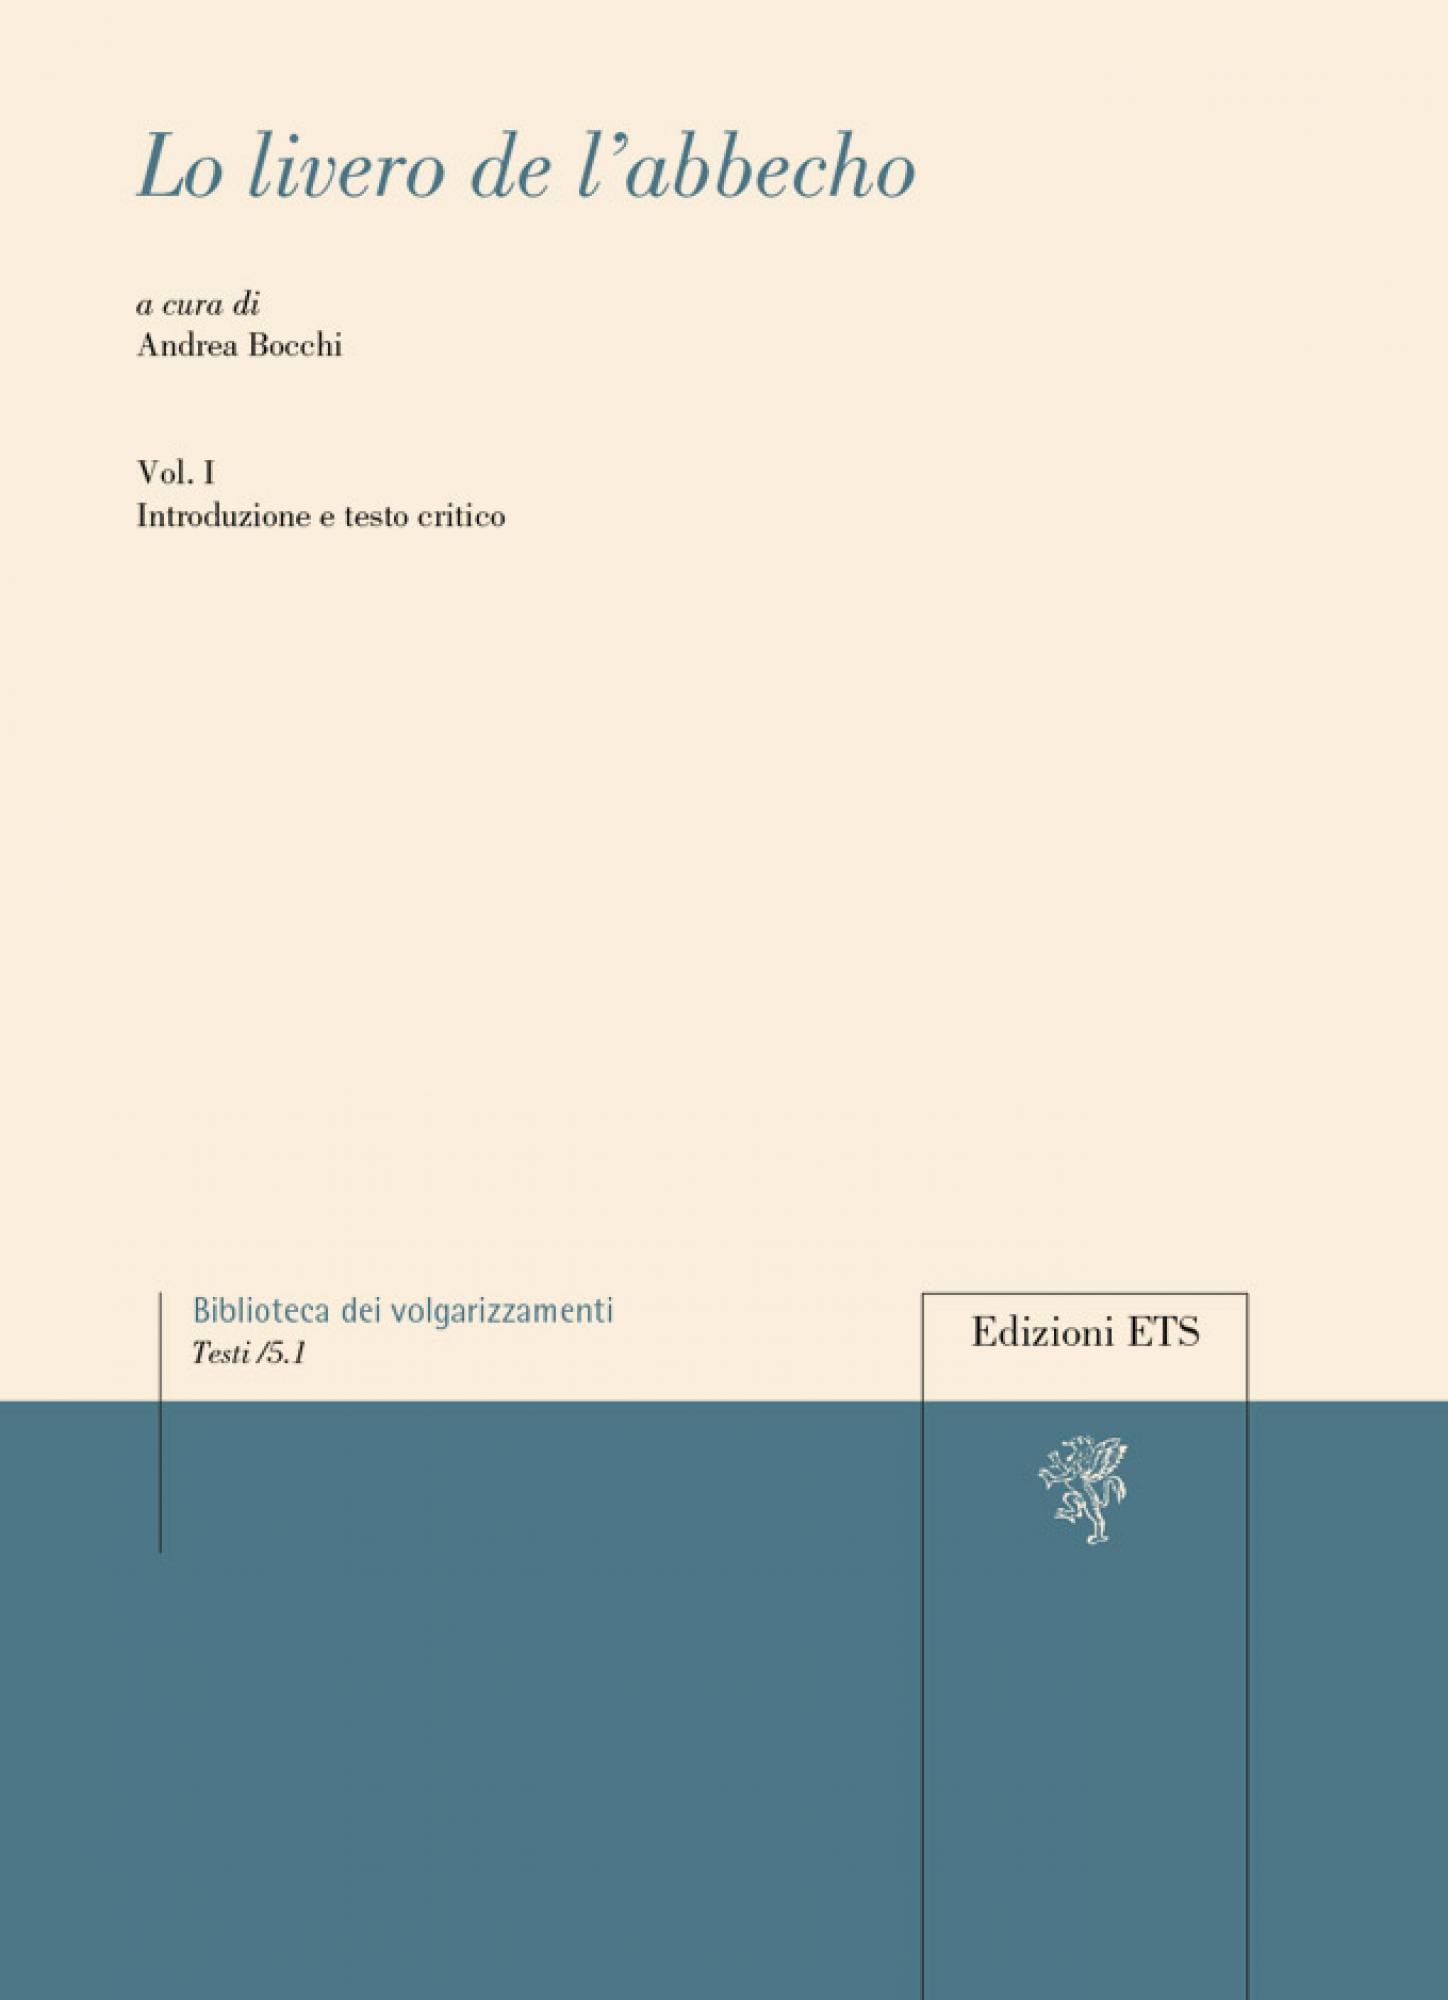 Lo livero de l'abbecho.Vol. I. Introduzione e testo critico